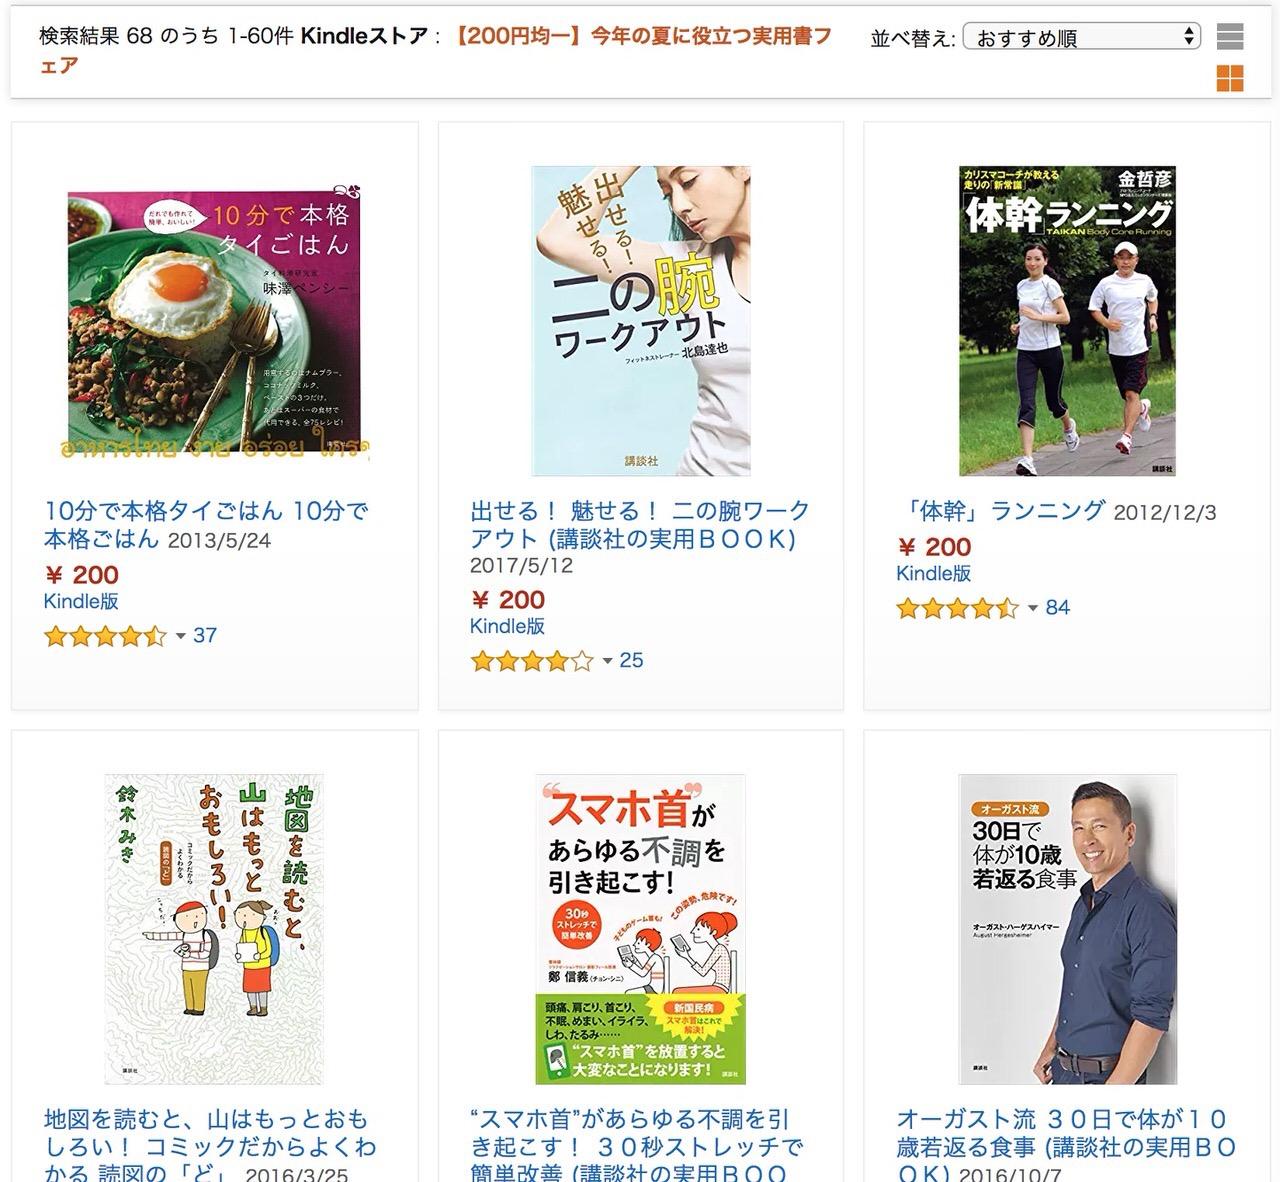 【Kindleセール】200円均一「今年の夏に役立つ実用書フェア」